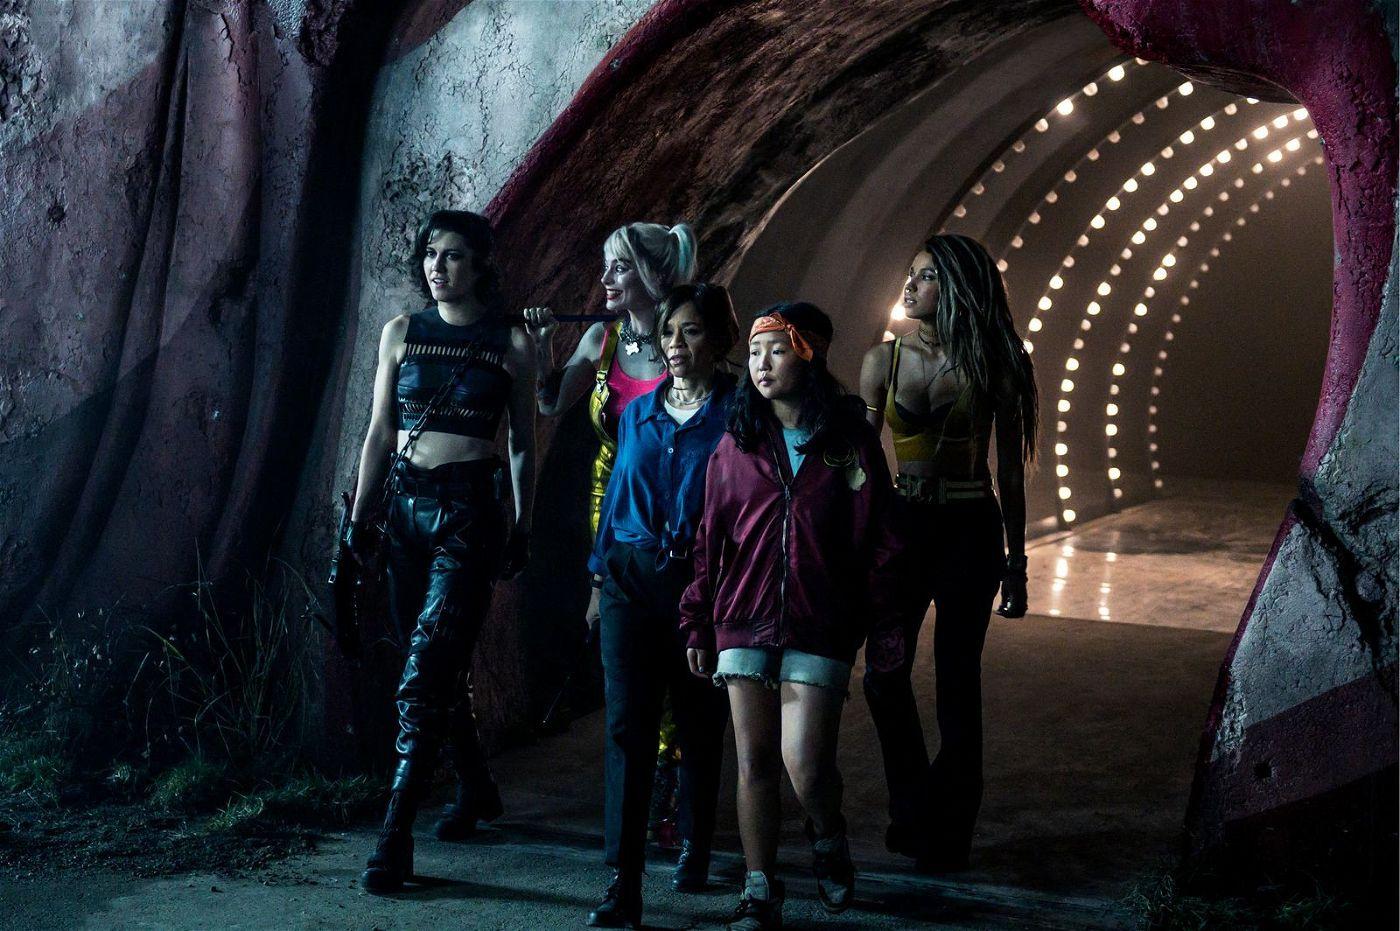 Von links: Huntress (Mary Elizabeth Winstead), Harley Quinn (Margot Robbie), Renee Montoya (Rosie Perez), Cassandra Cain (Ella Jay Basco) und Black Canary (Jurnee Smollett-Bell) zeigen, was in ihnen steckt.